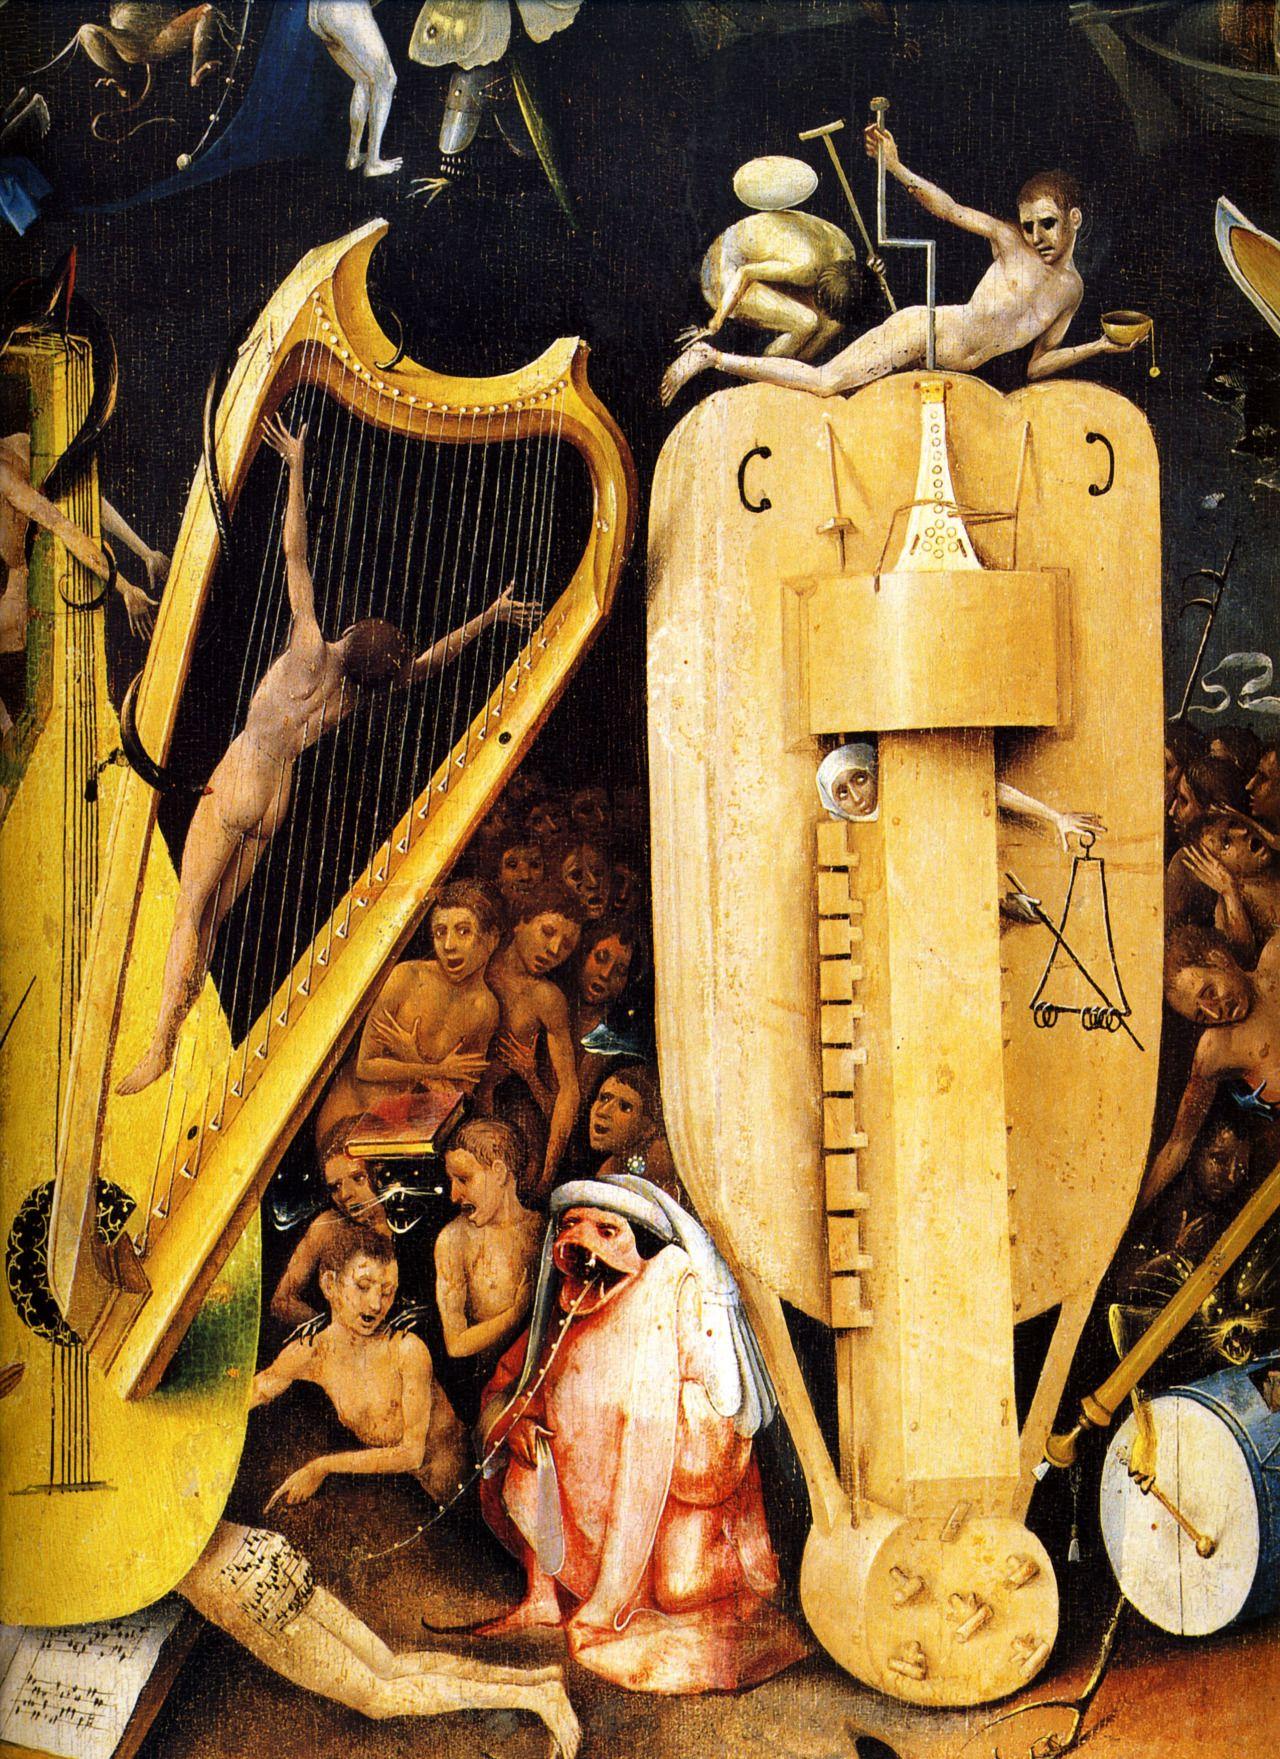 1480 1490 Jér´me Bosch Le Jardin des Délices l Enfer détail La